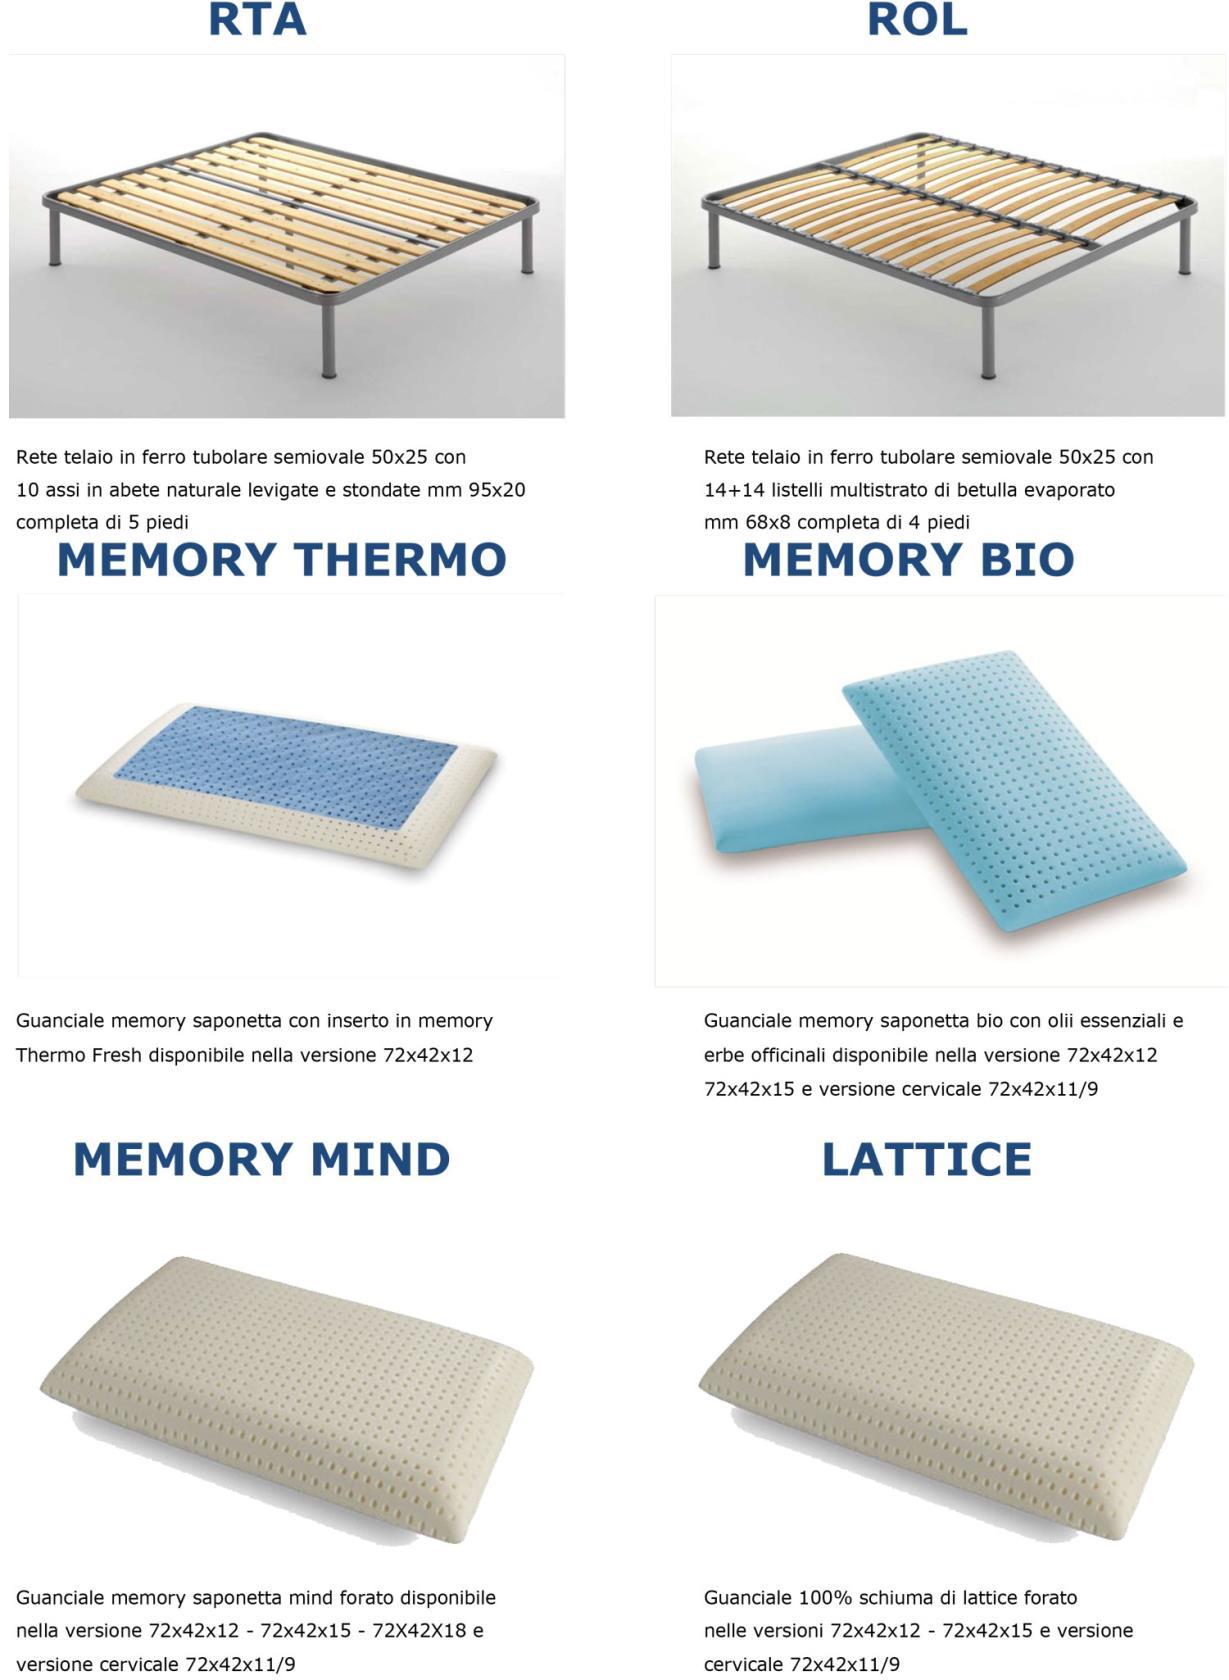 Reti con doghe in legno e cuscini in lattice